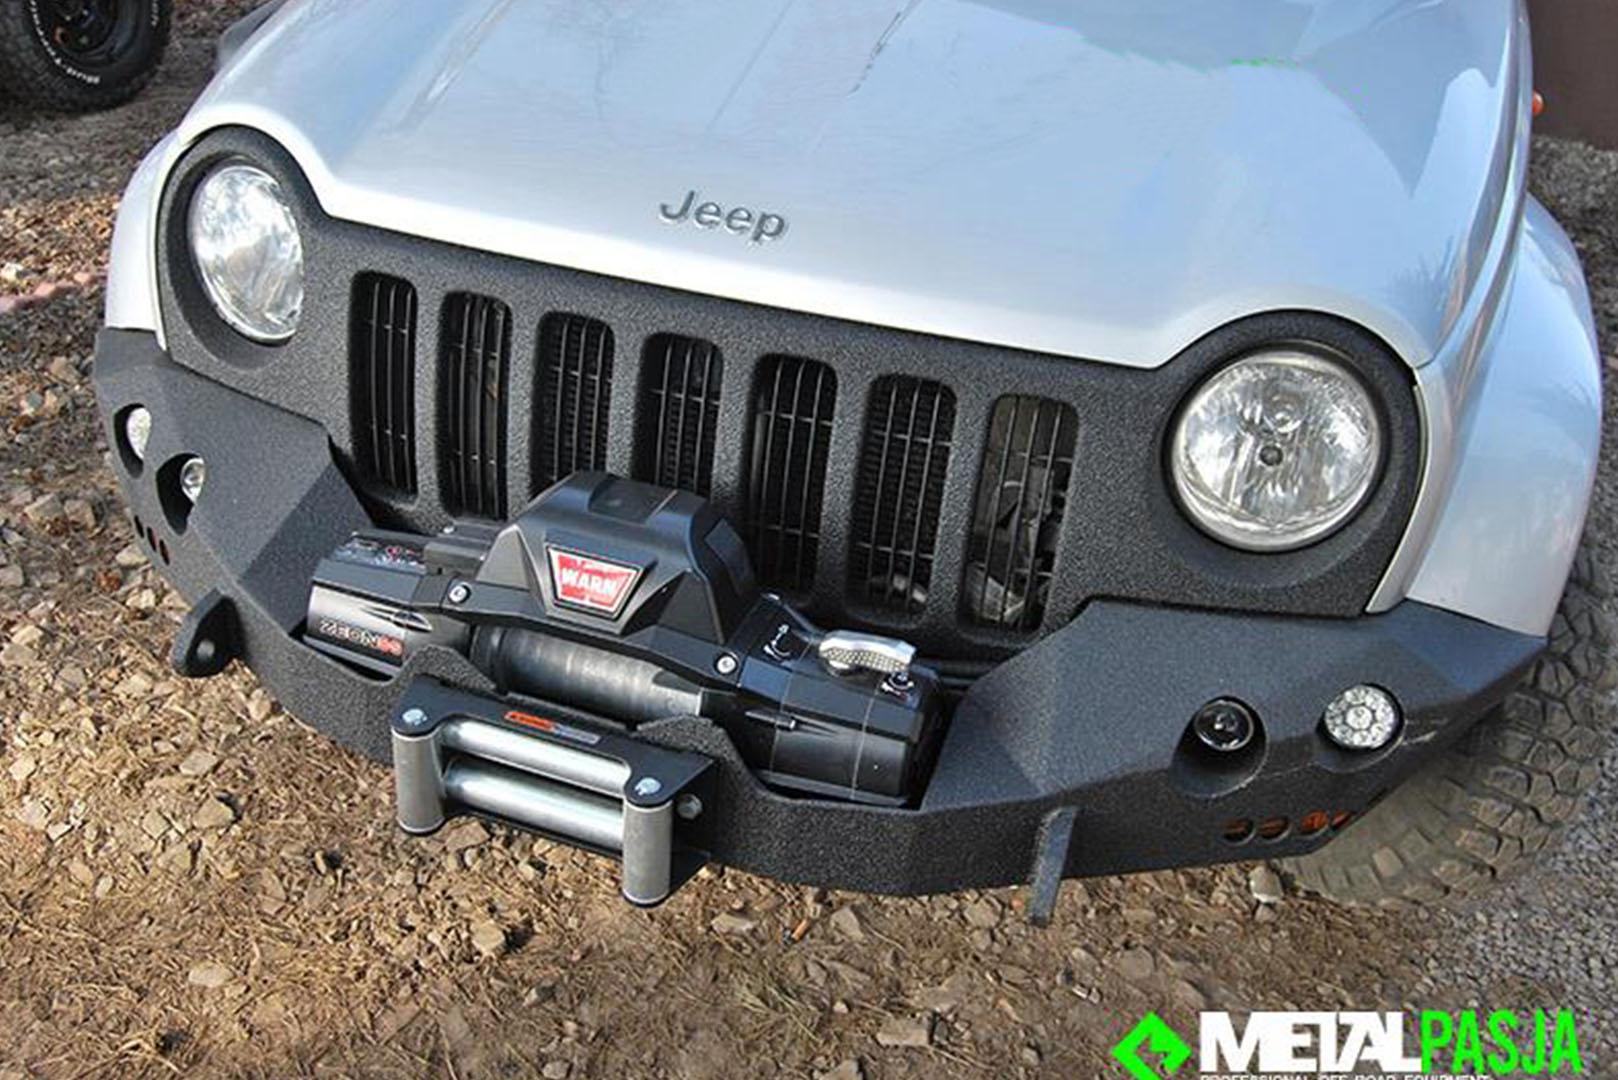 jeep_0003_nnn